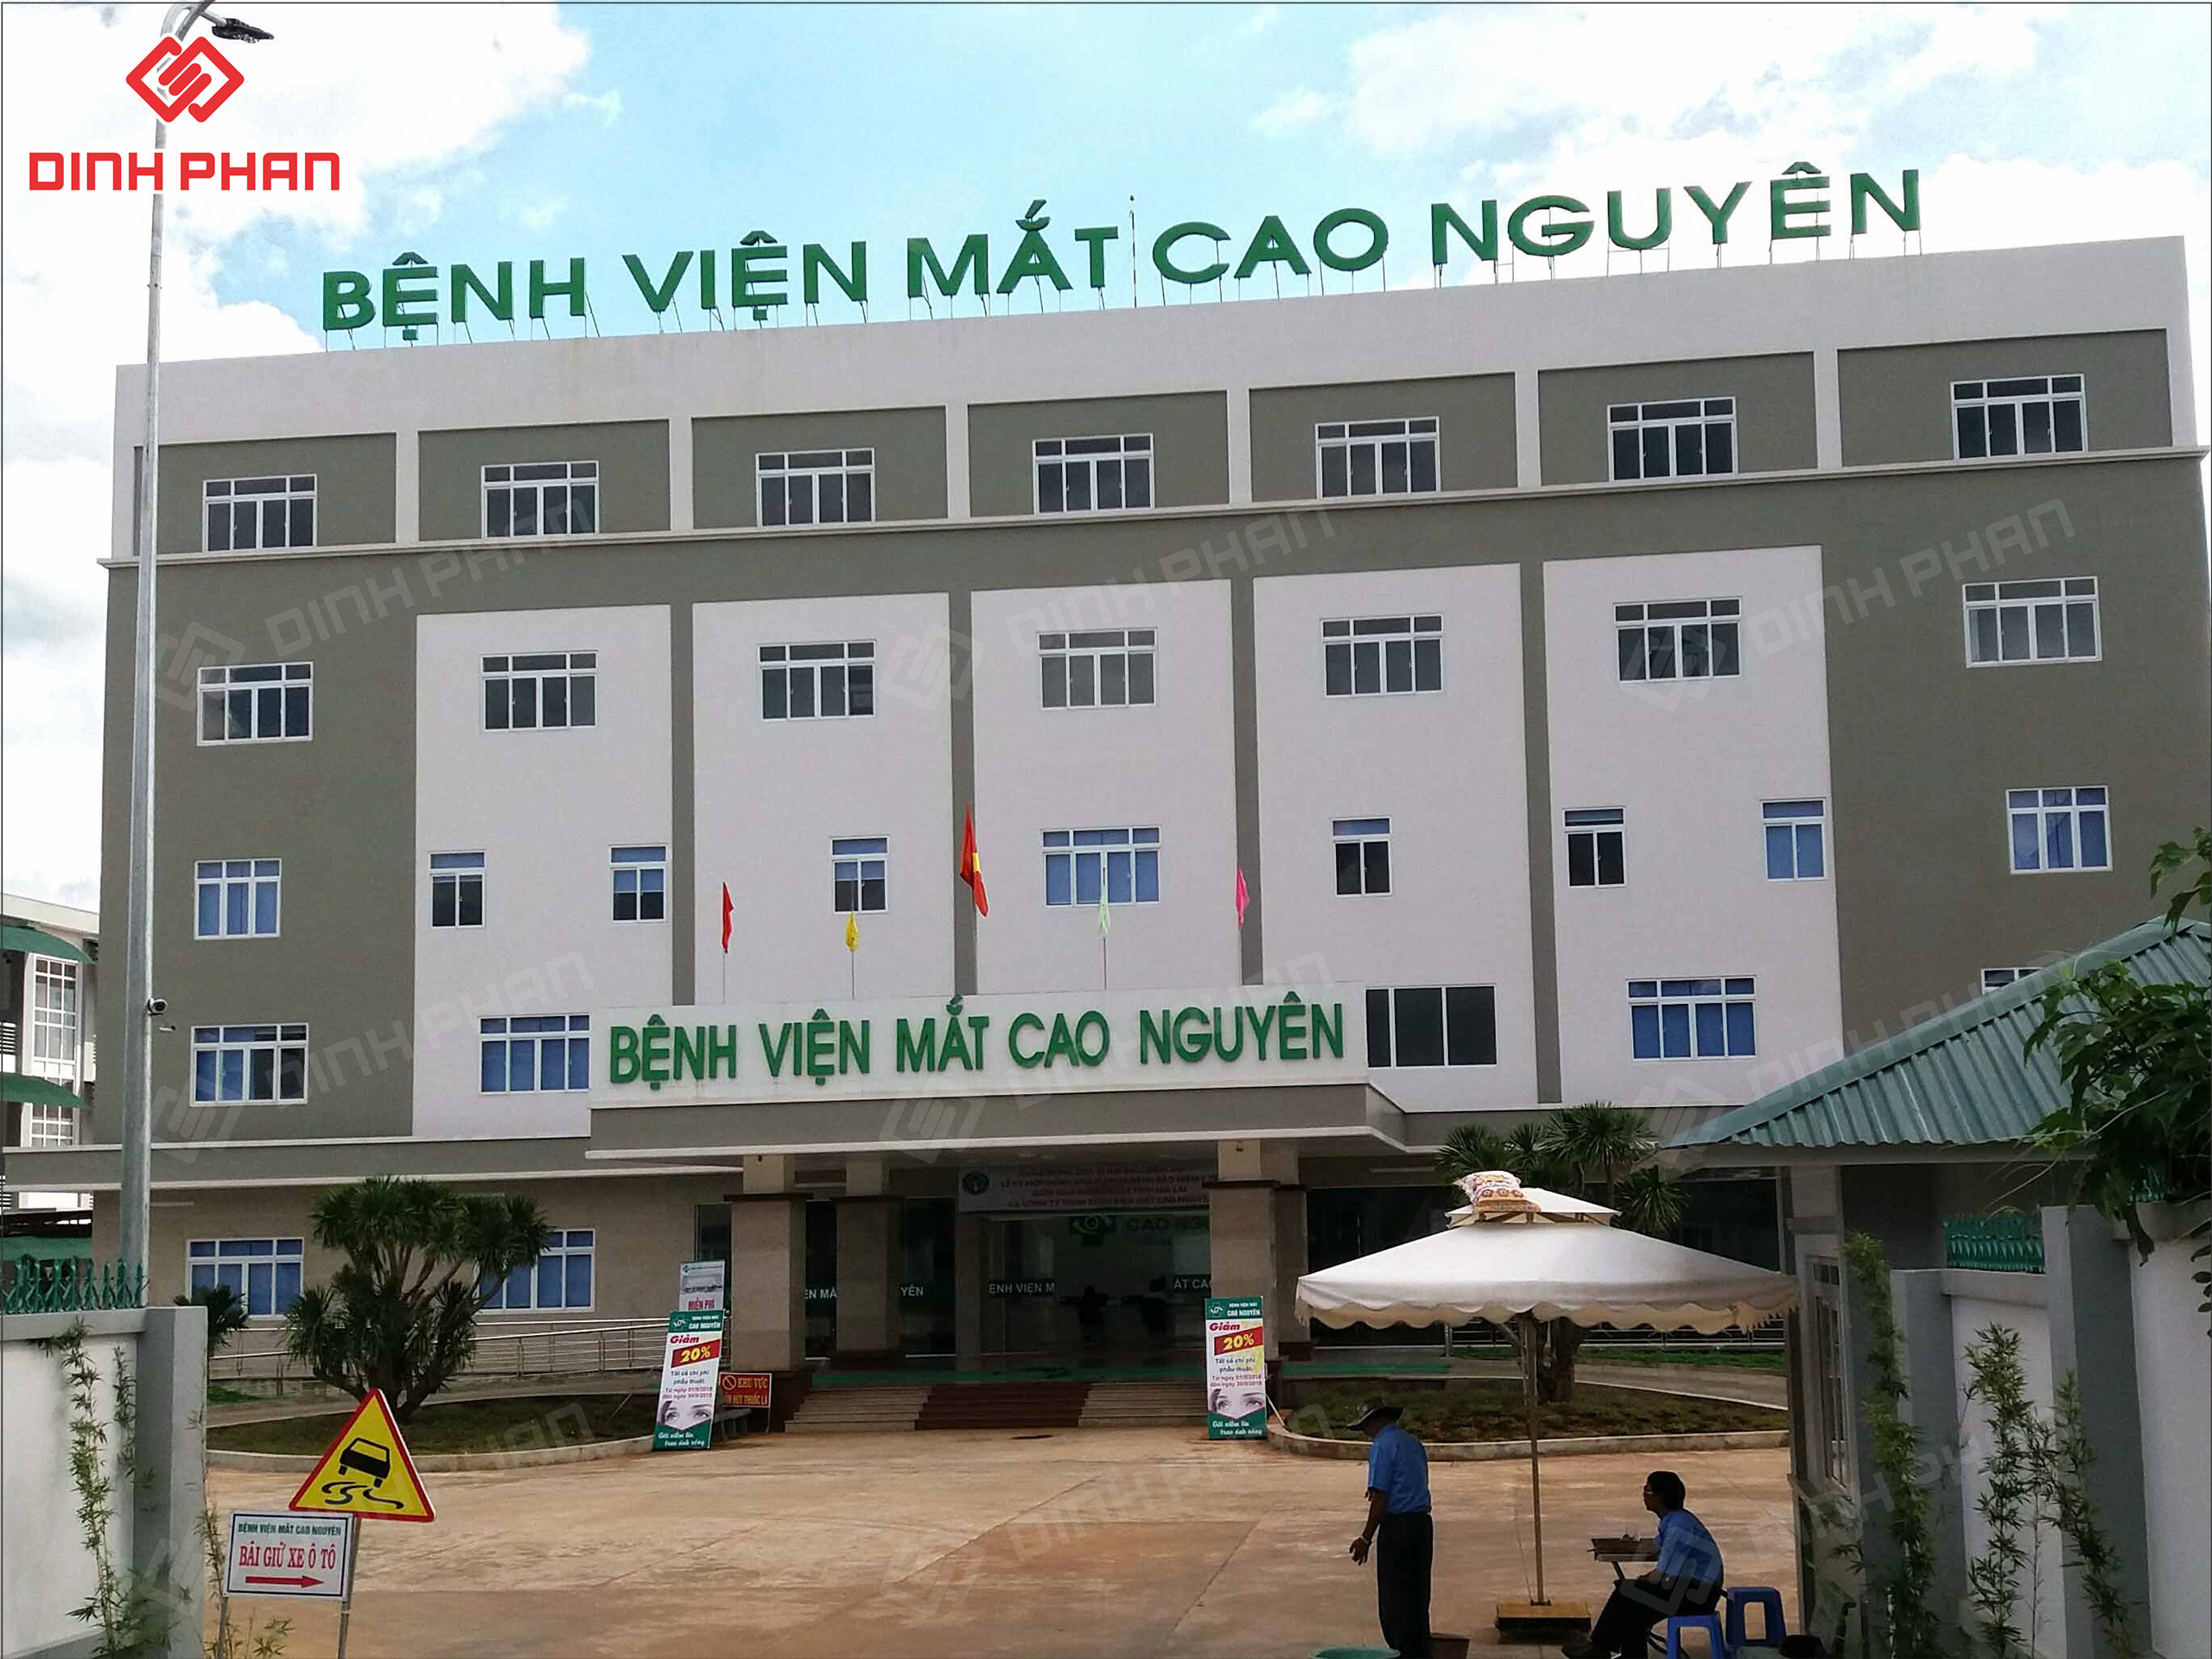 làm bảng hiệu bệnh viện - chữ nổi bệnh viện